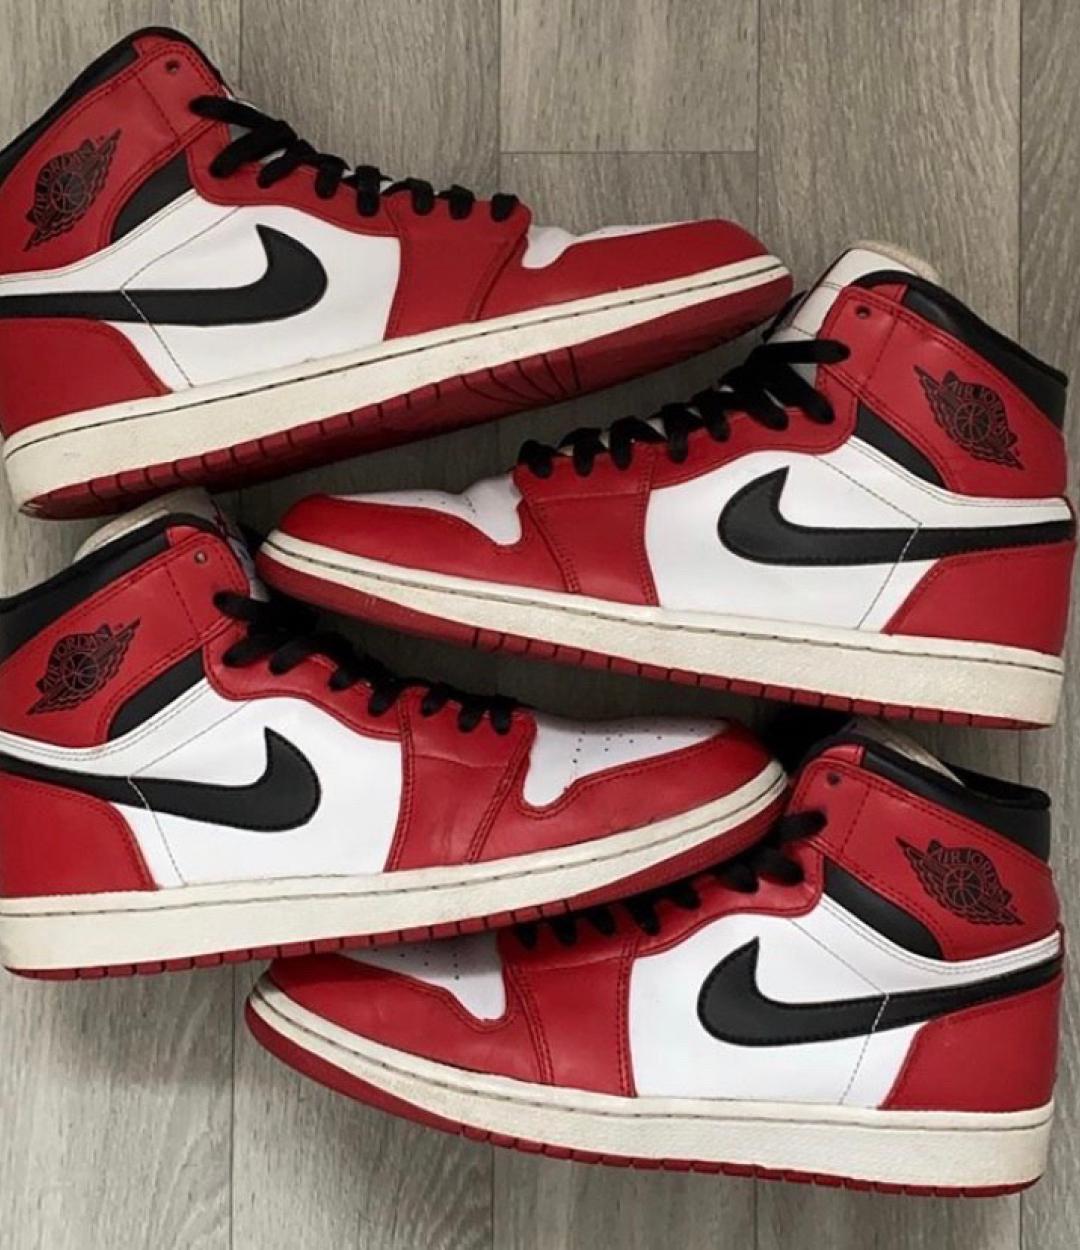 Nike Air Jordan 1 'Chicago'